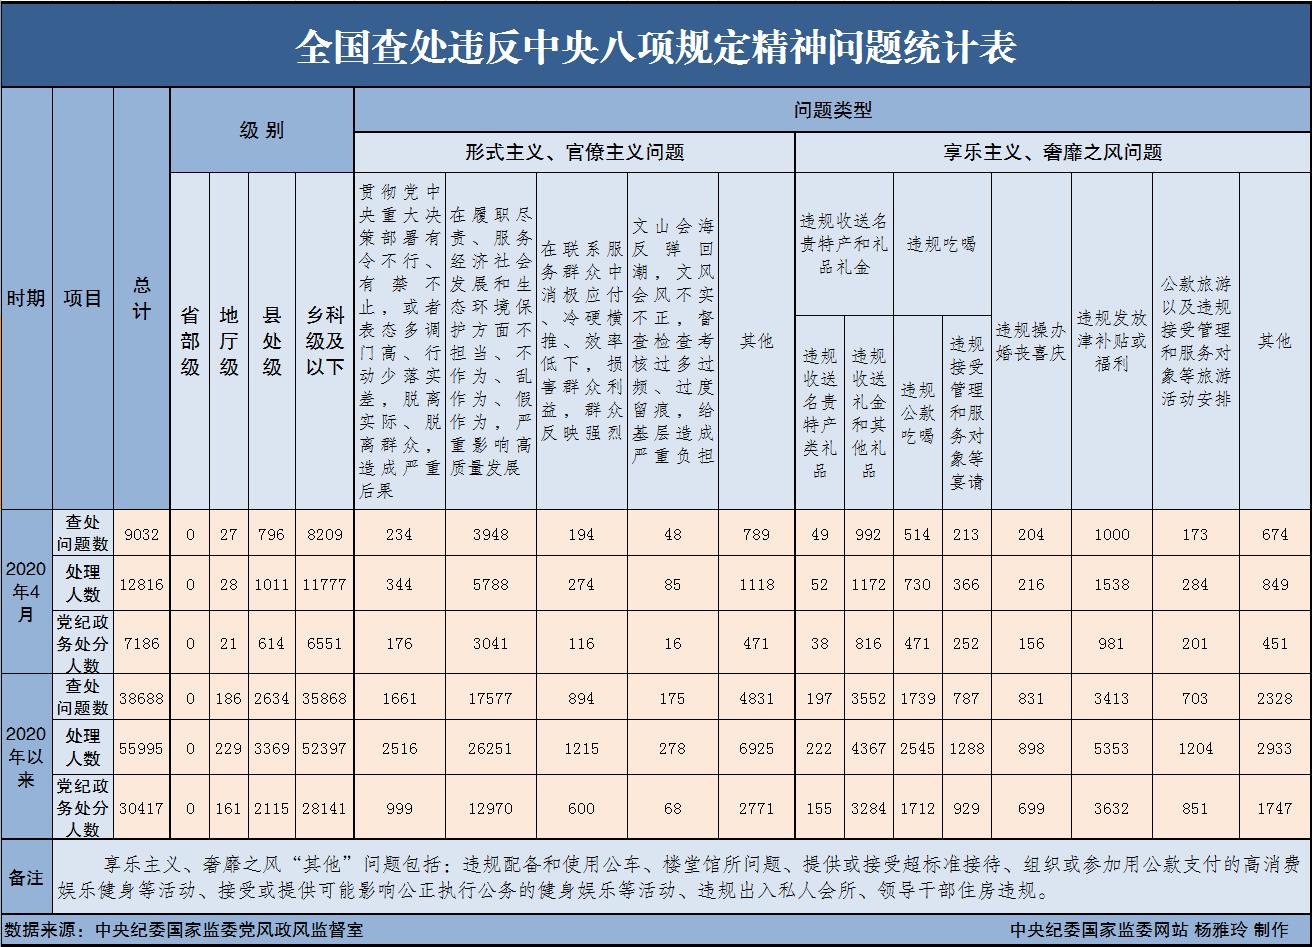 【赢咖3官网】查处违反中央赢咖3官网八图片